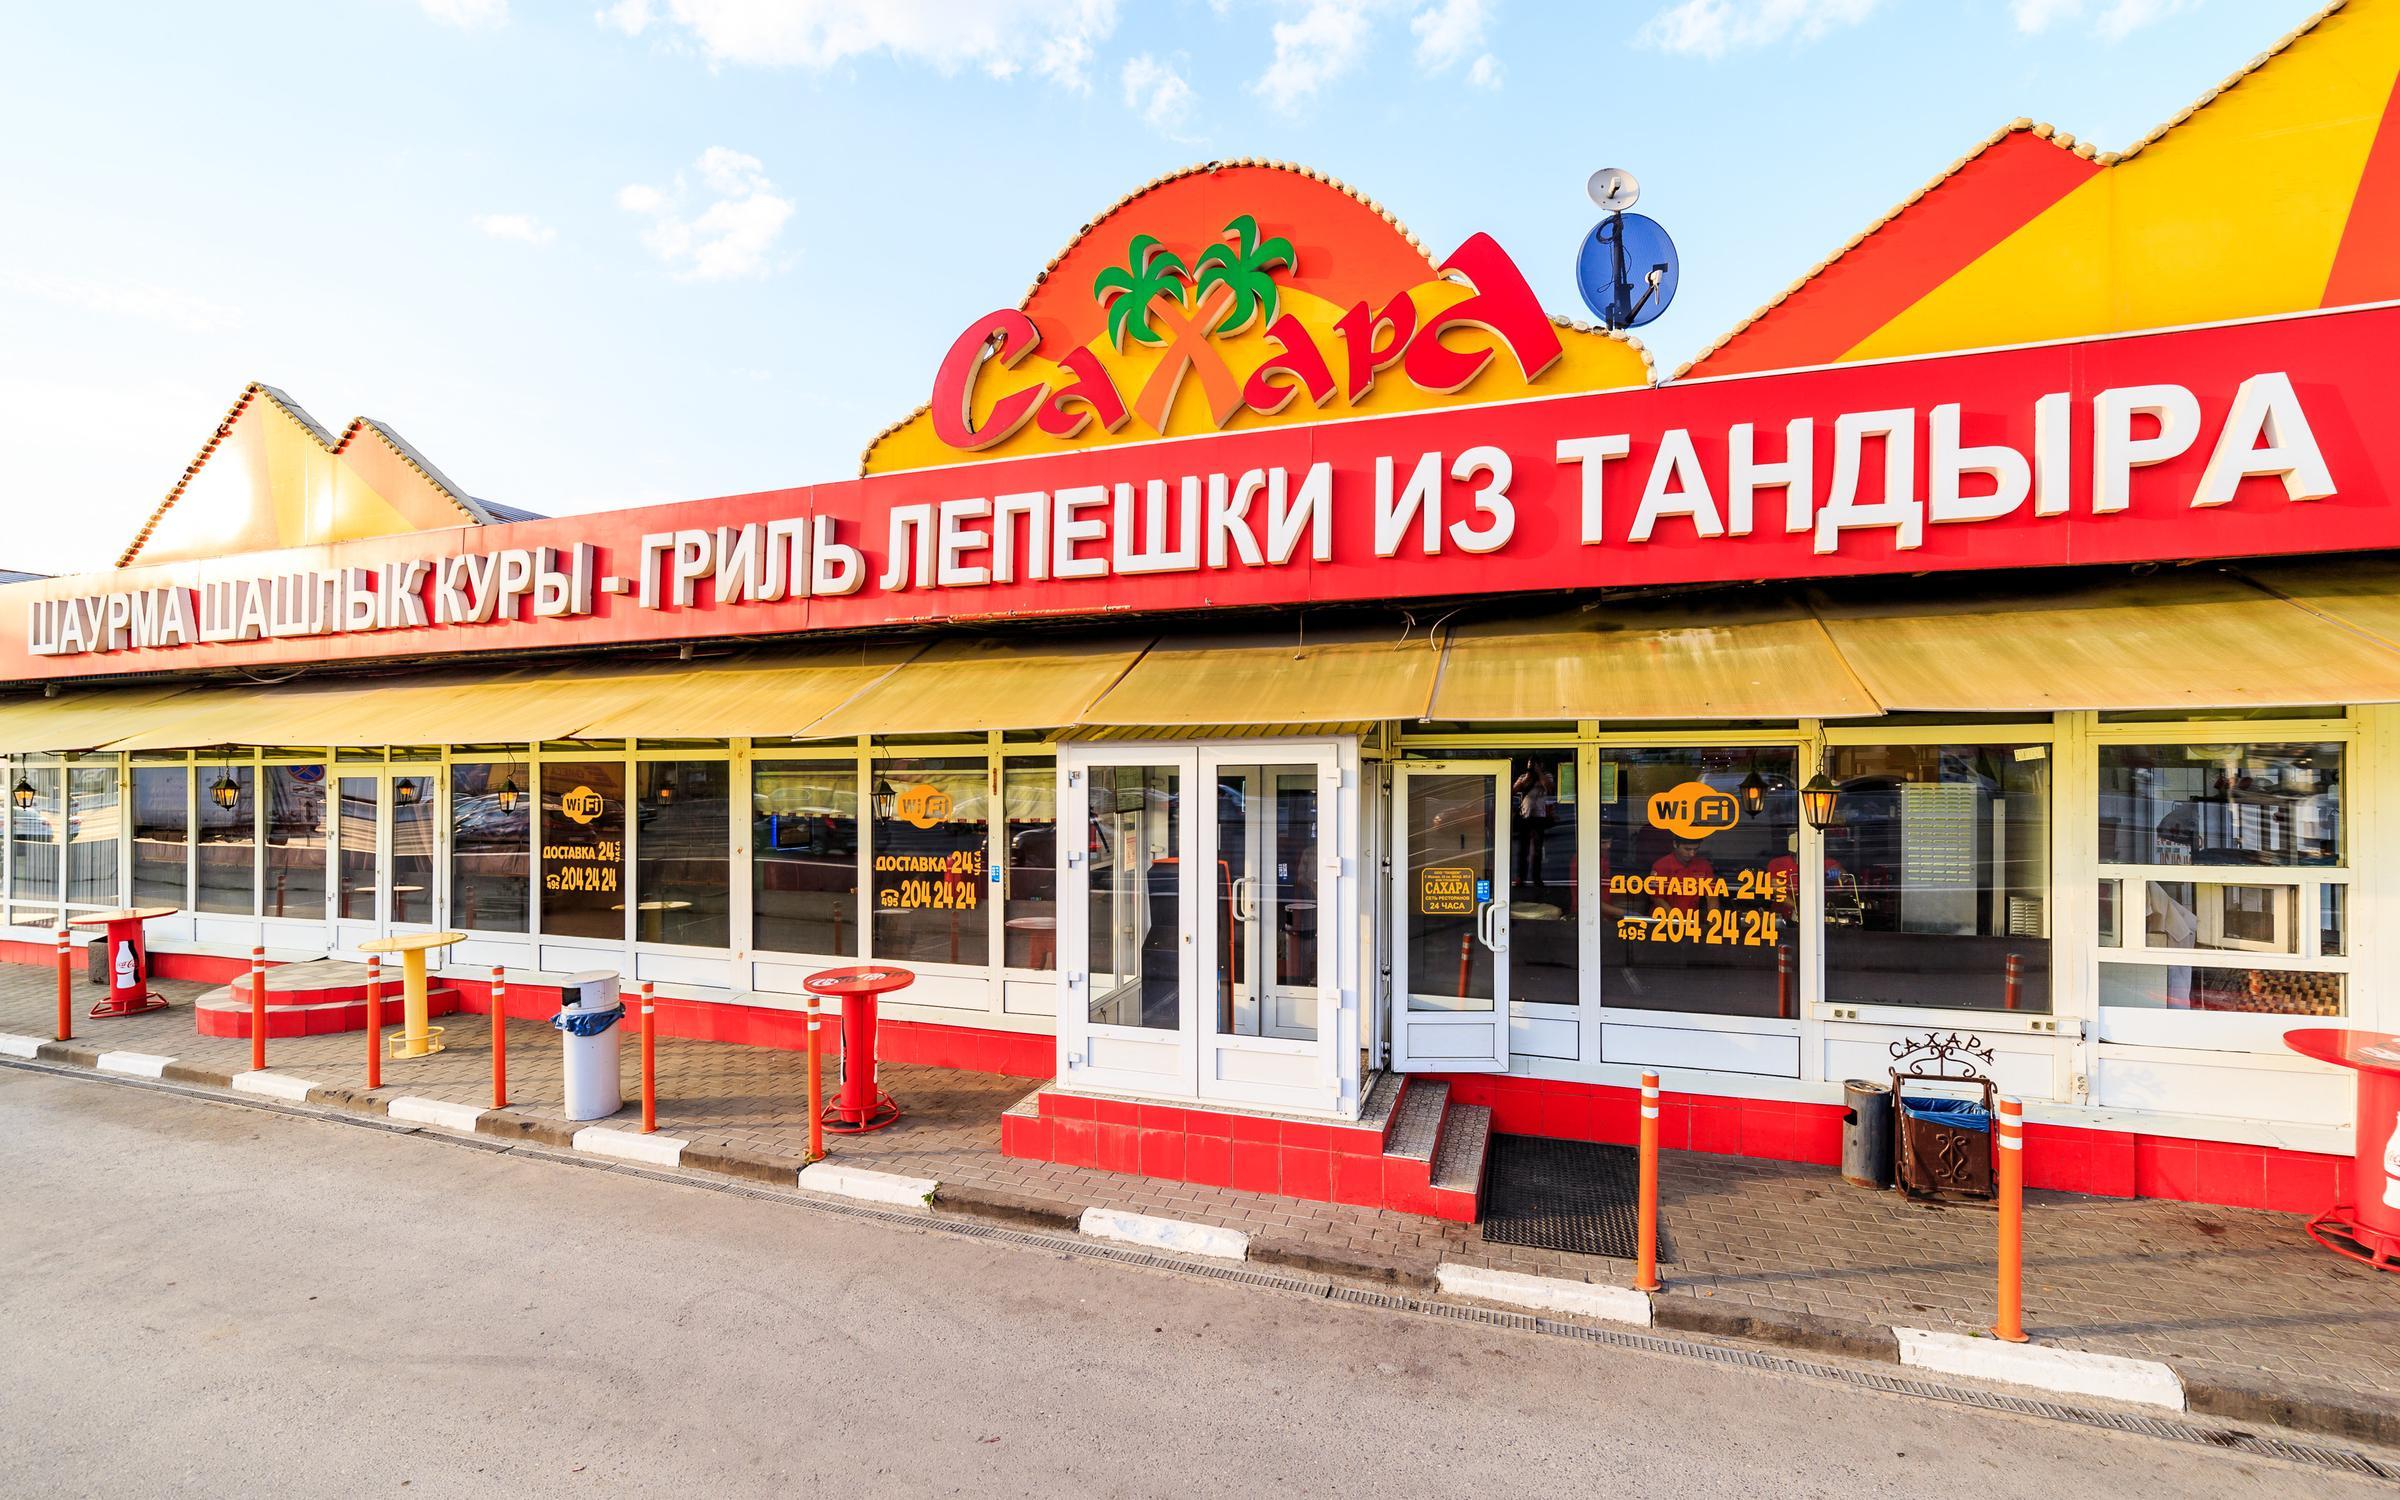 фотография Ресторана Сахара в Чертаново Южное, МКАД 34 км